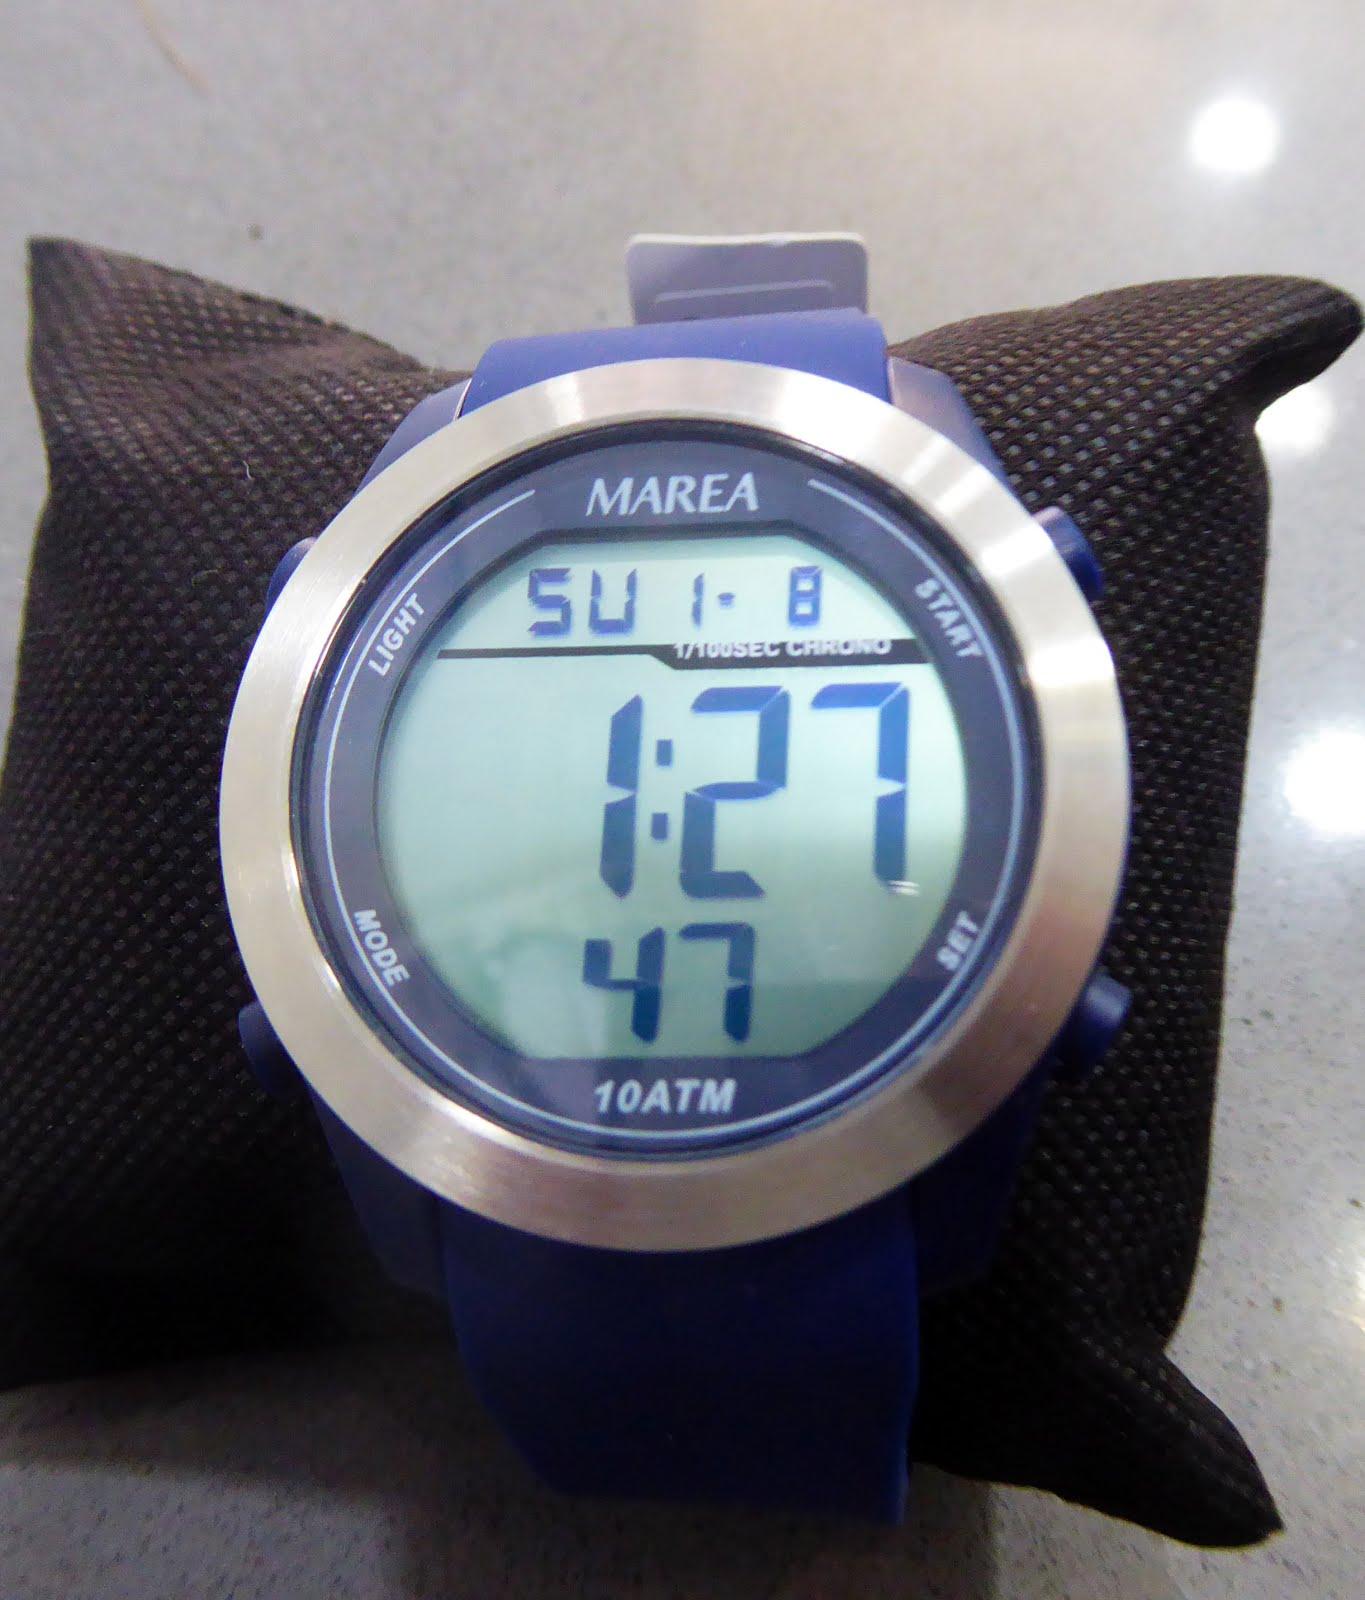 Reloj Marea digital, tamaño grande caja acero y correa de silicona azul